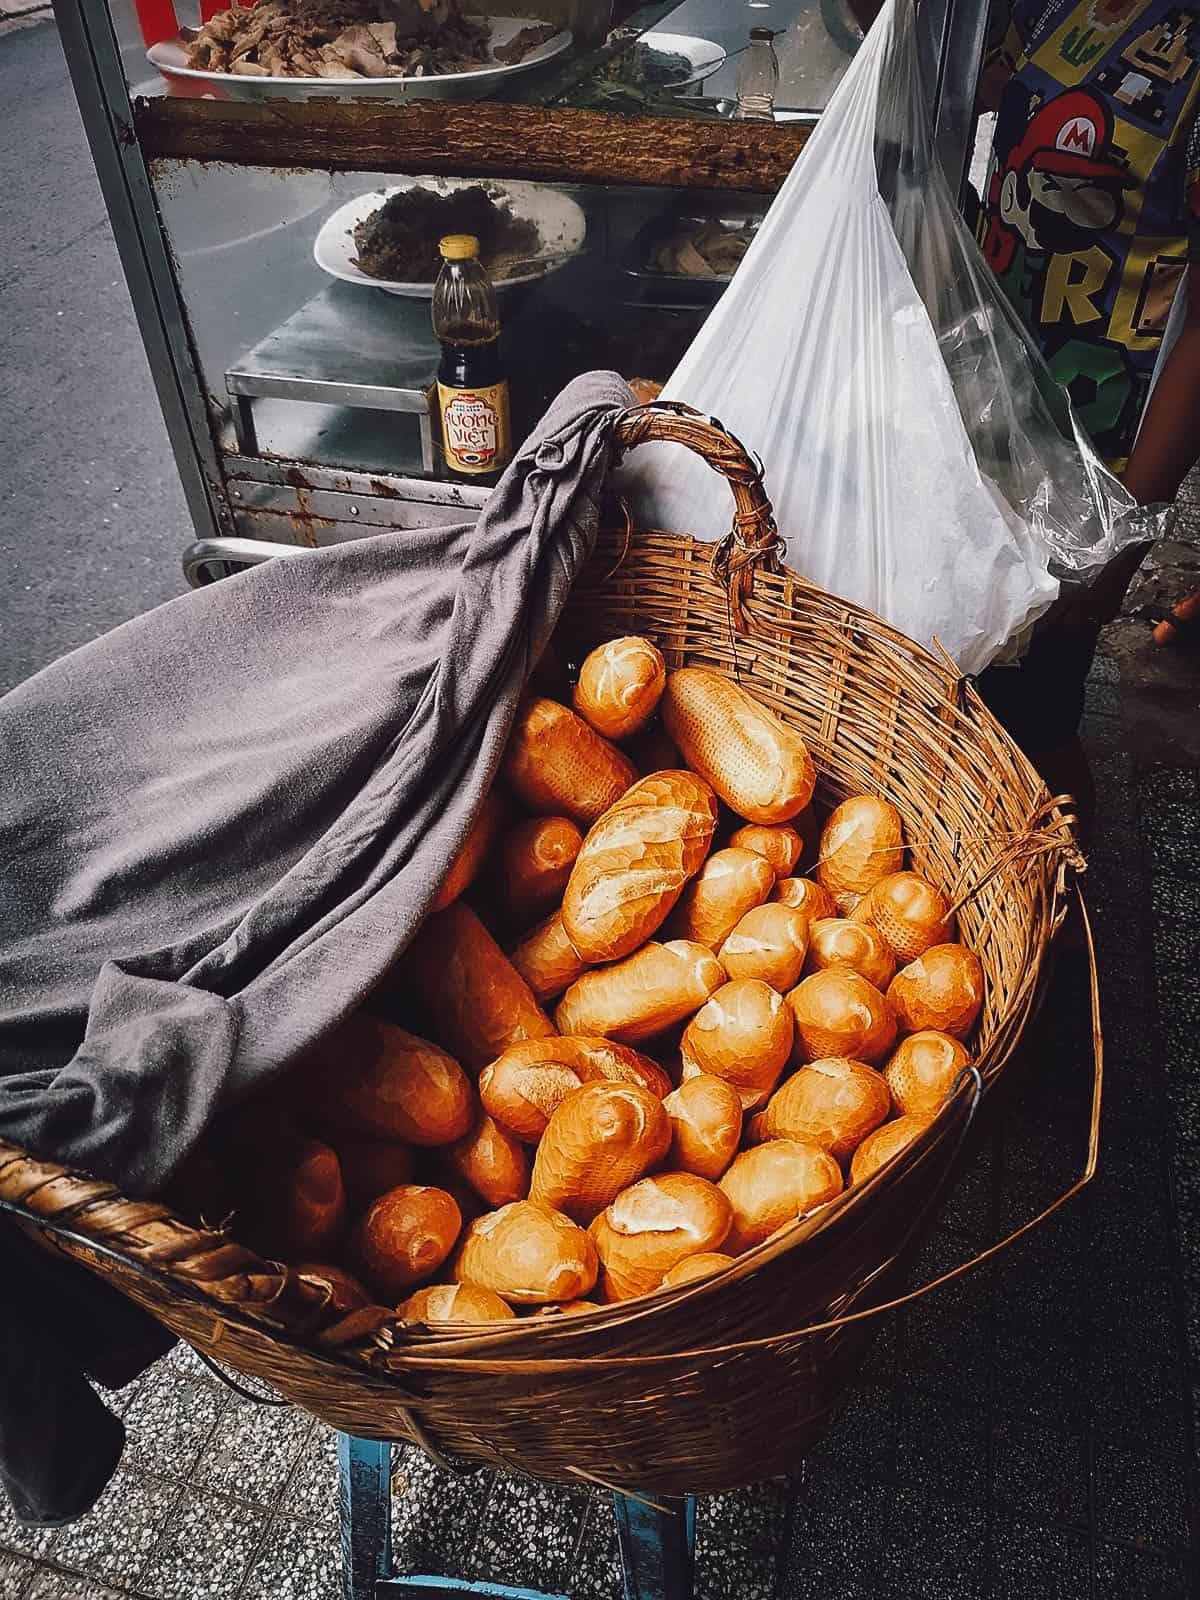 Basket of banh mi at Banh Mi Bay Ho